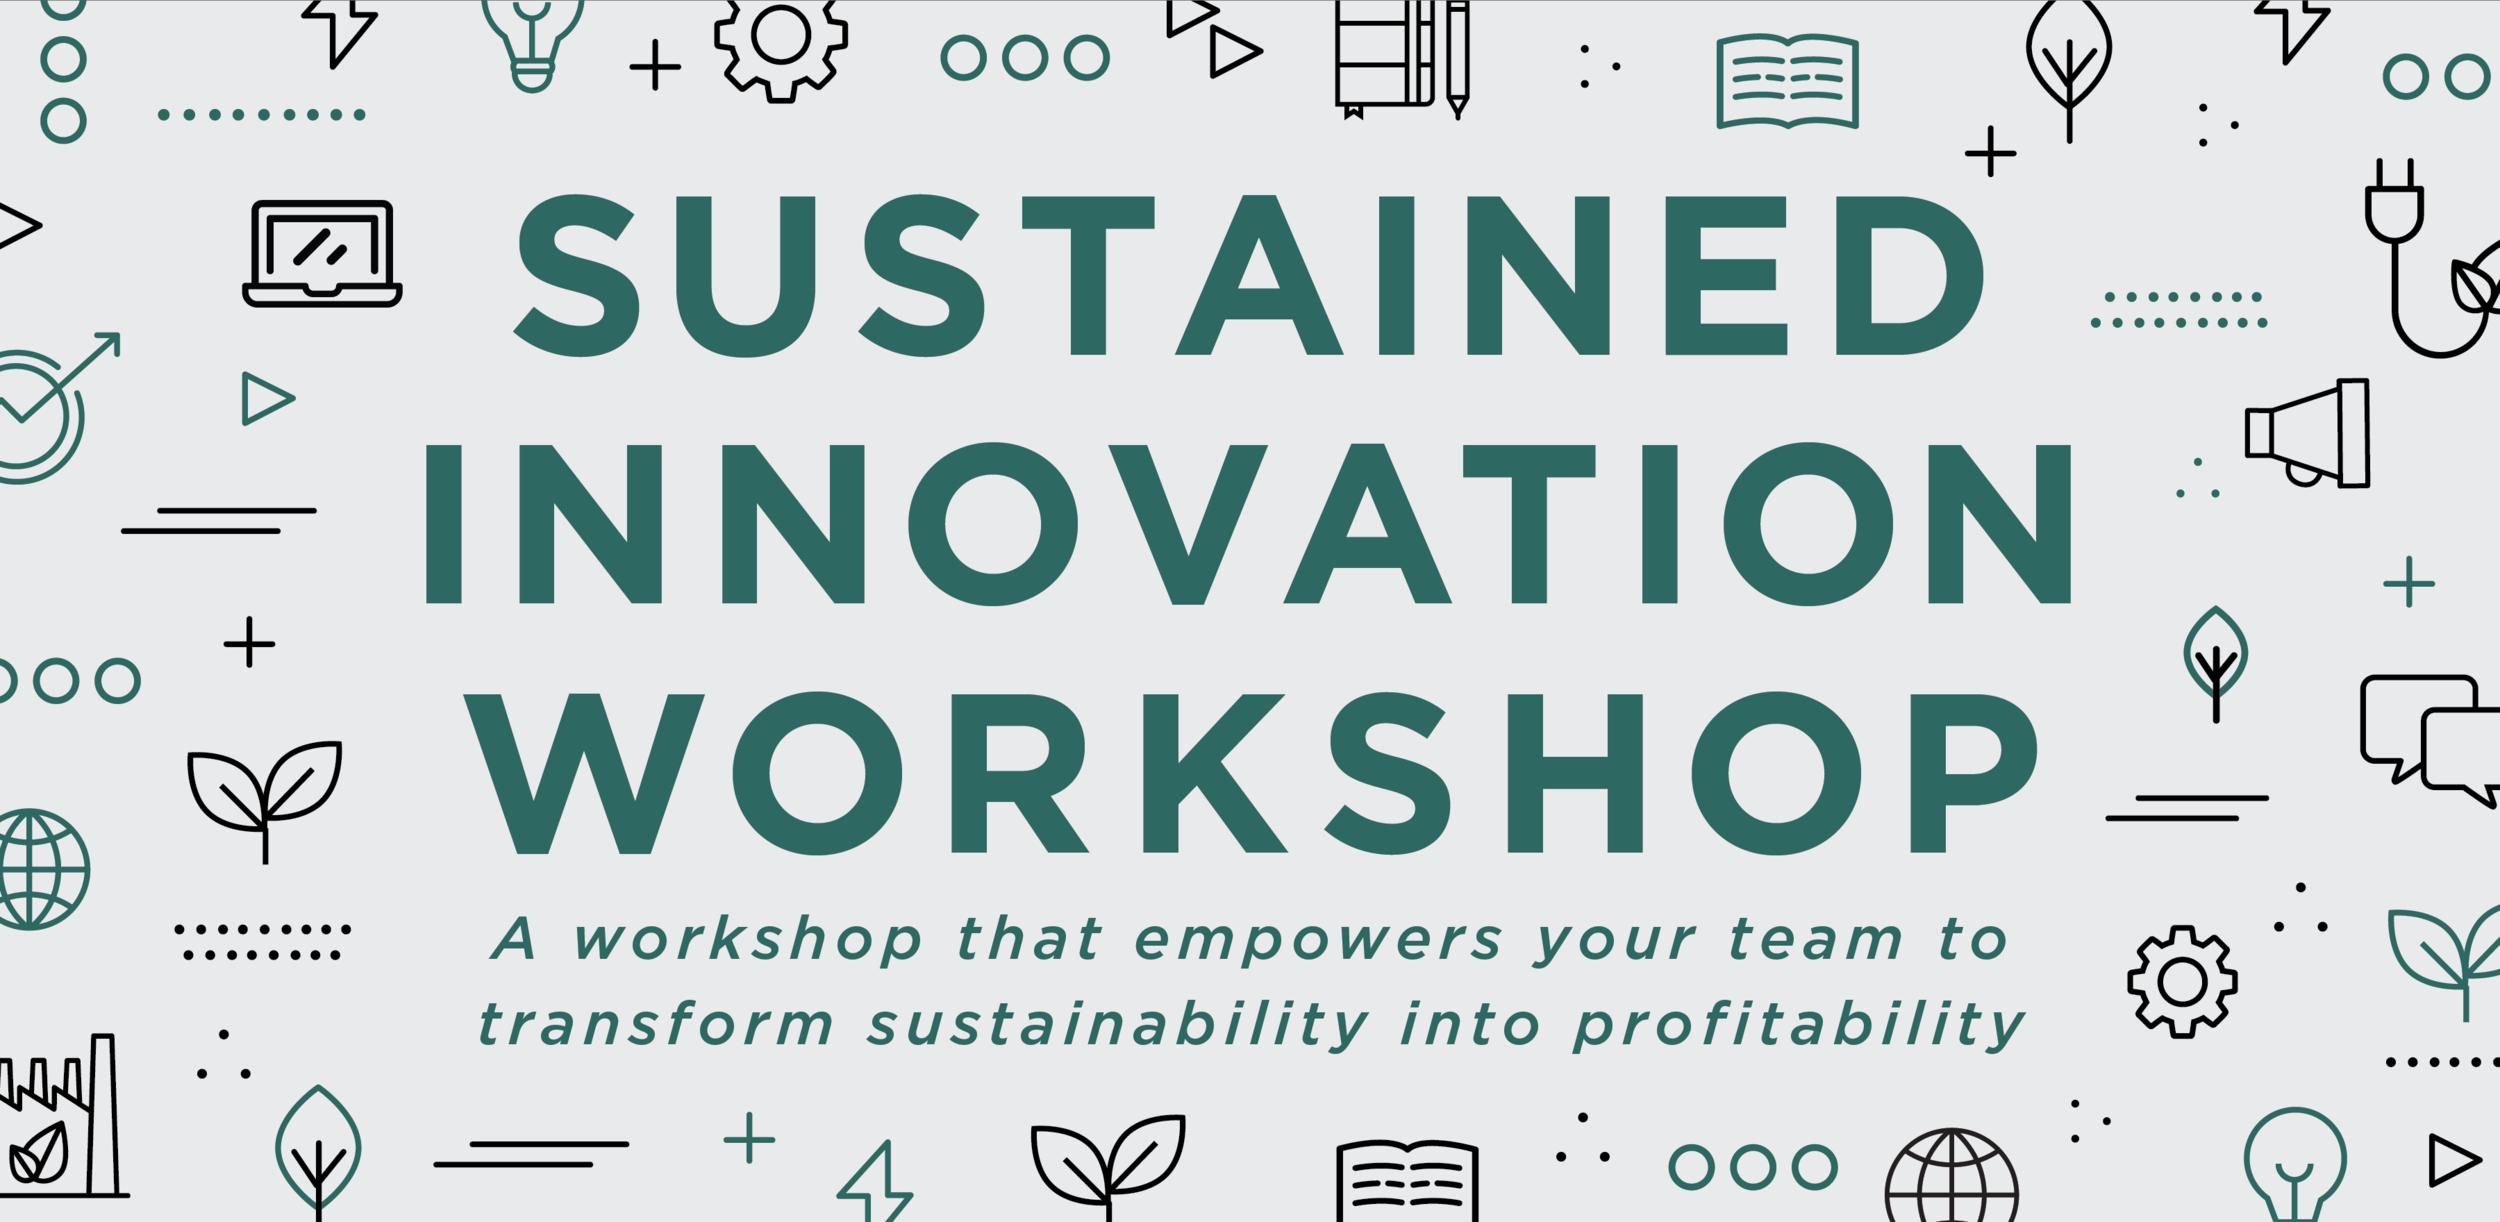 Sustained Innovation Workshop-OneSheet-V1-18.png